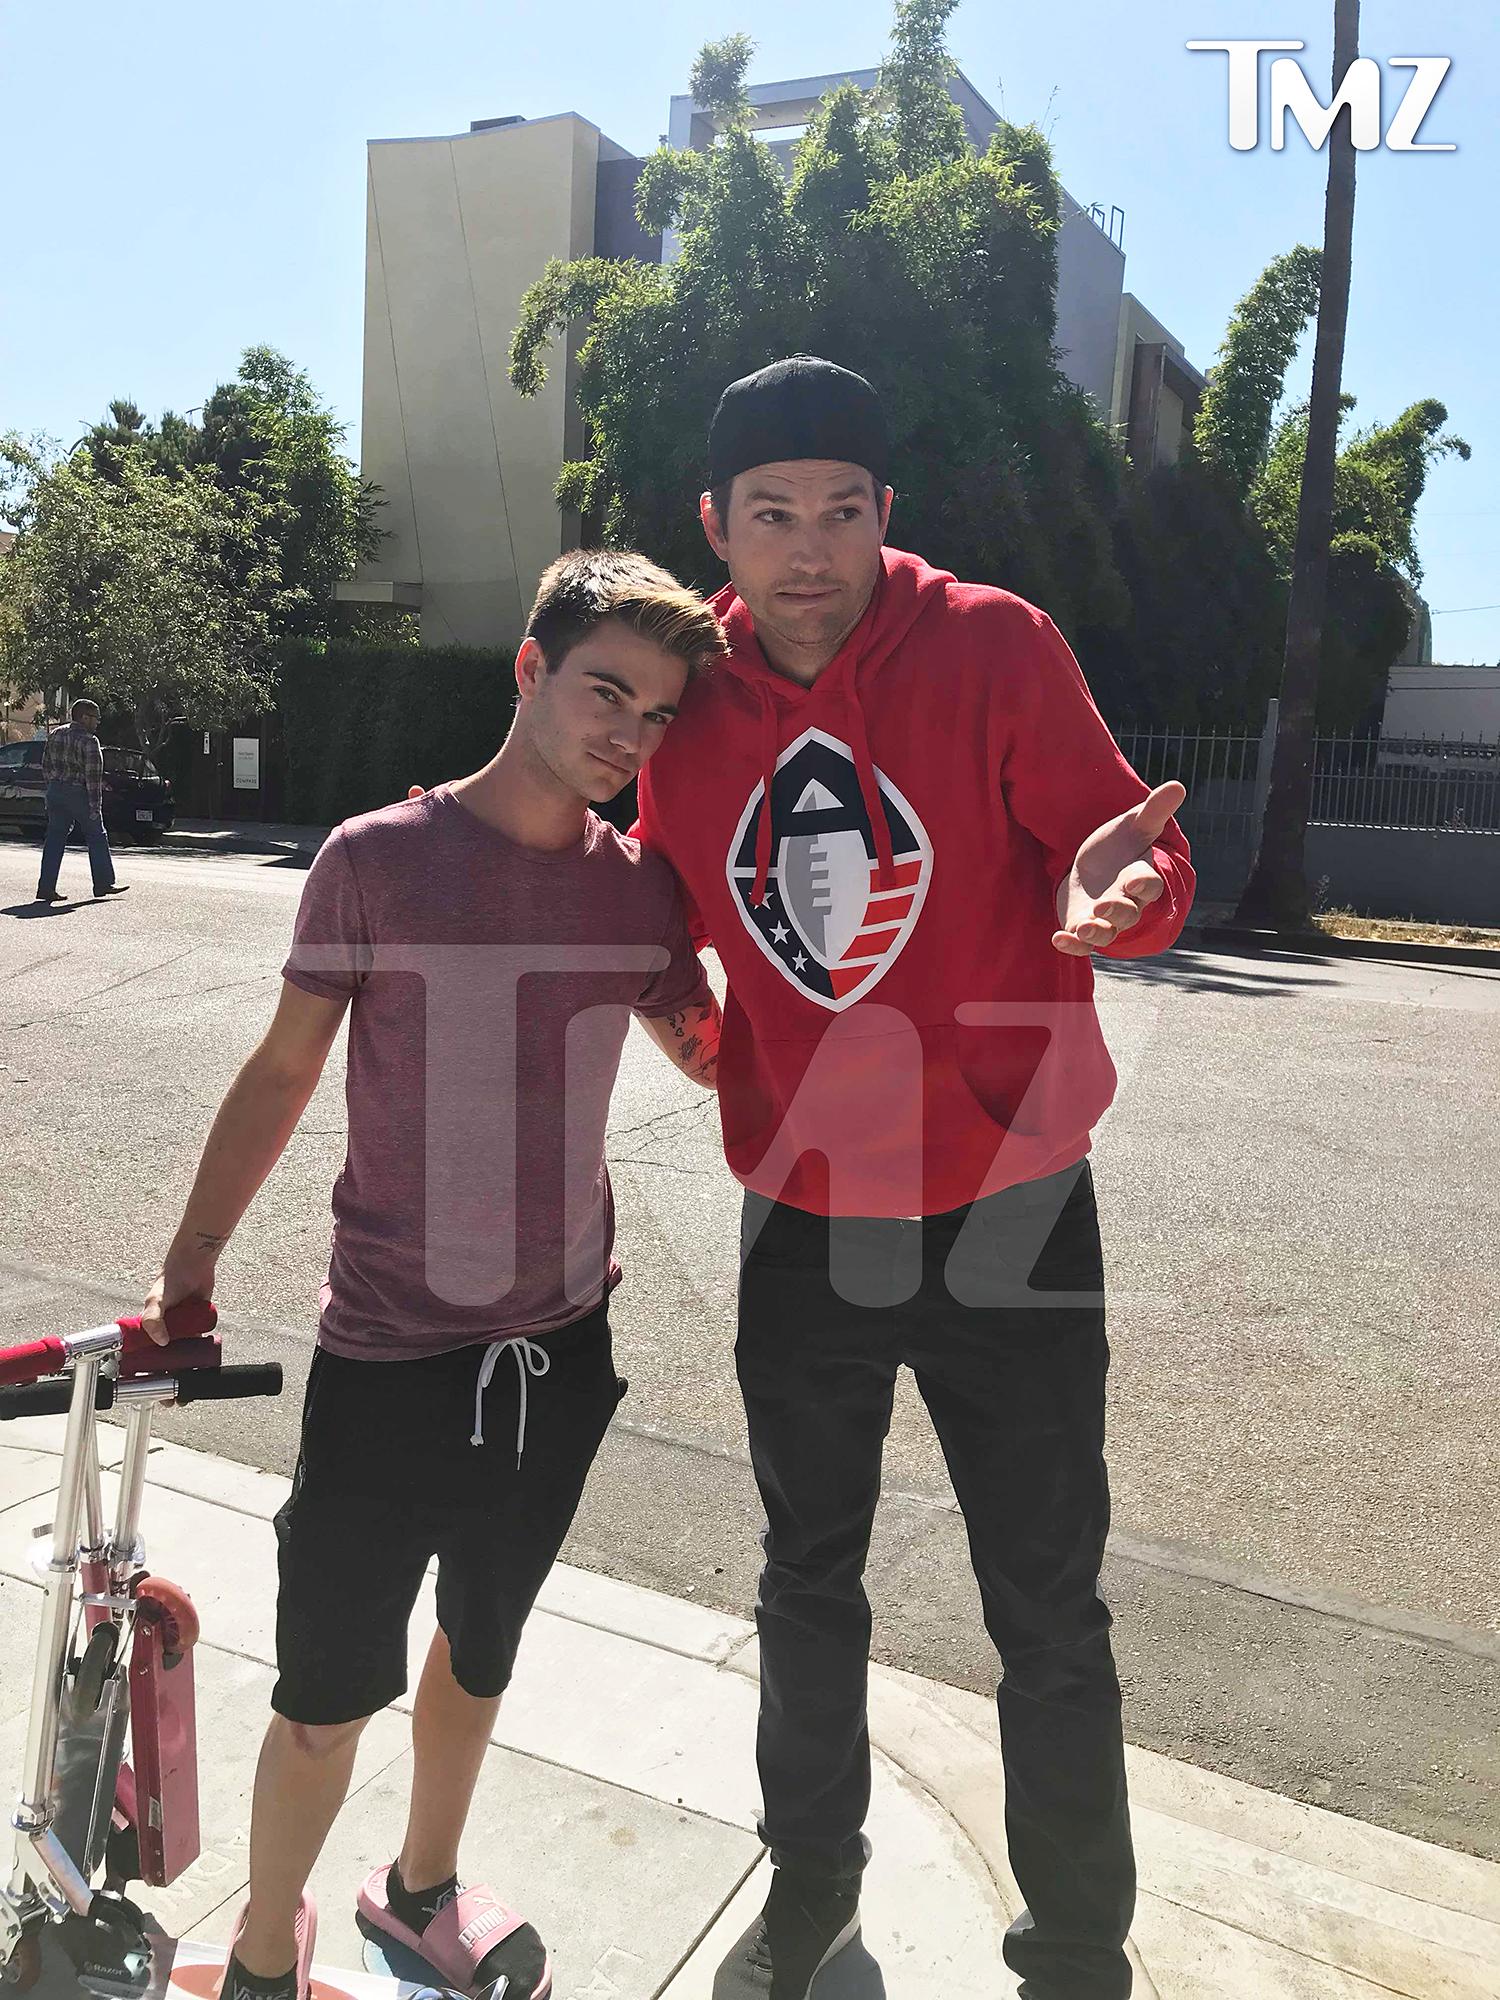 Ashton Kutcher Hit Man With Car Takes Photo